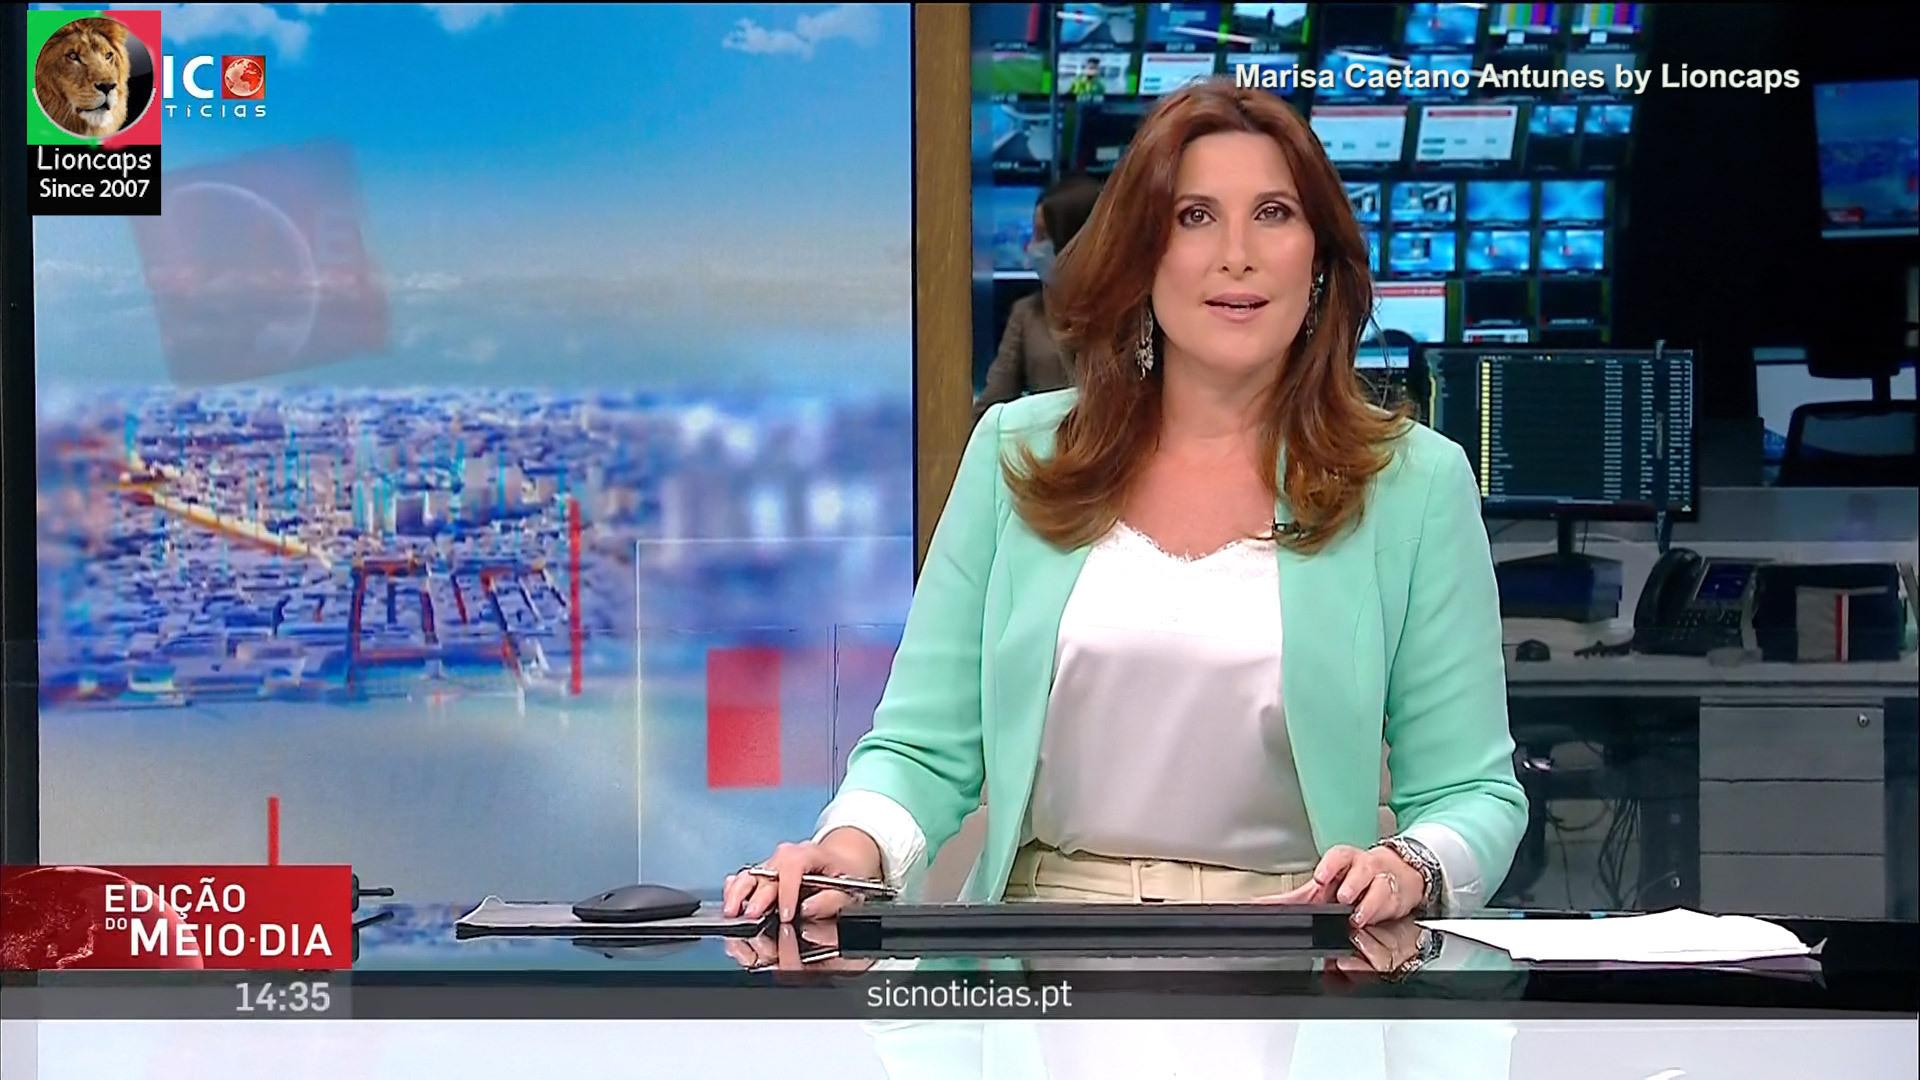 marisa_caetano_antunes_lioncaps_24_07_2021 (5).jpg